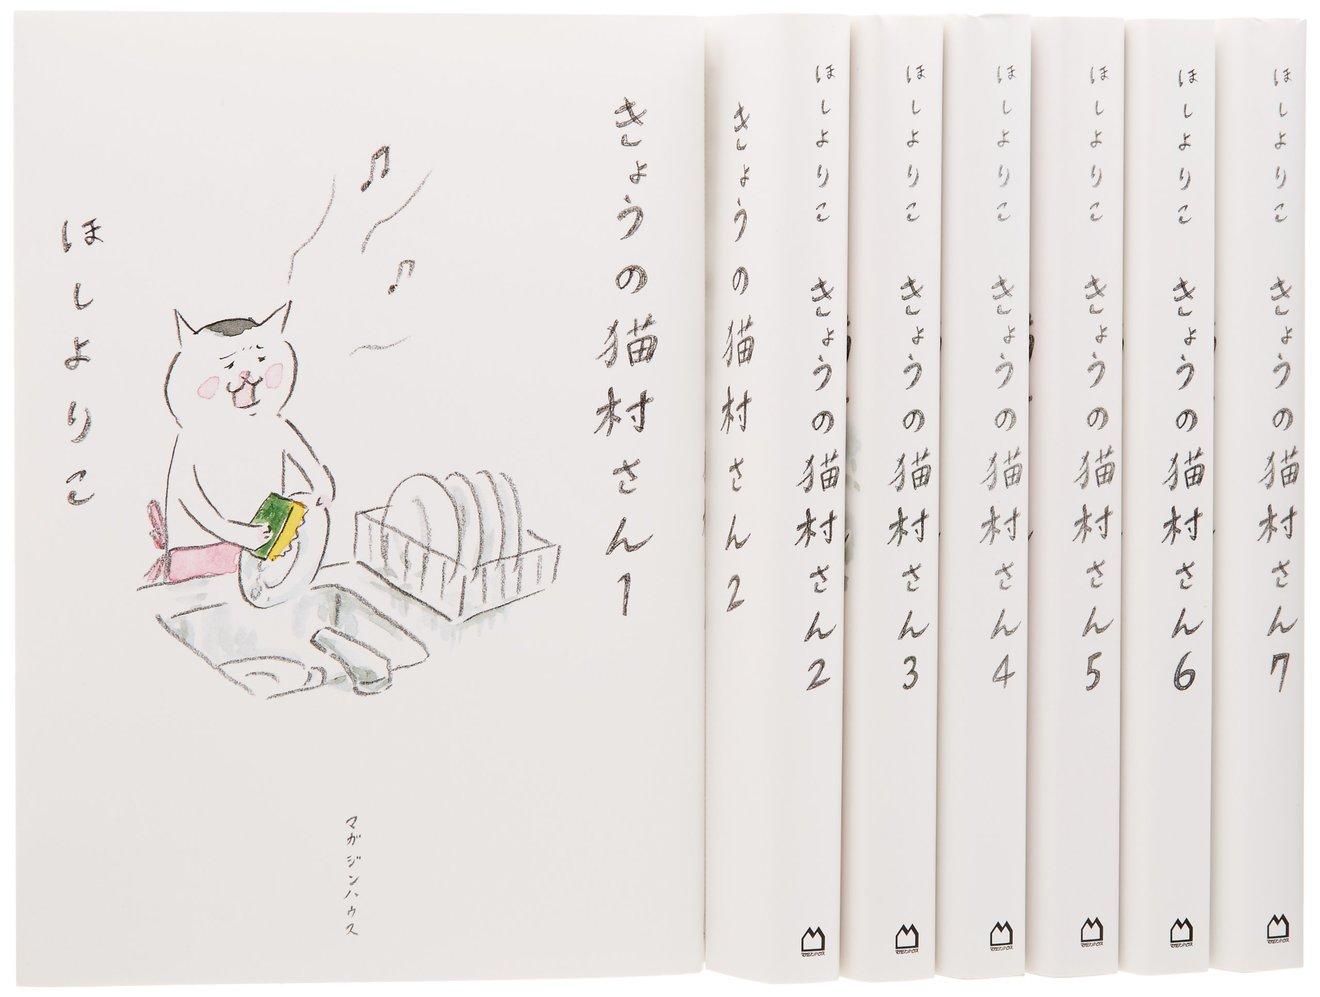 ほしよりこ漫画おすすめランキングベスト5!『きょうの猫村さん』作者!